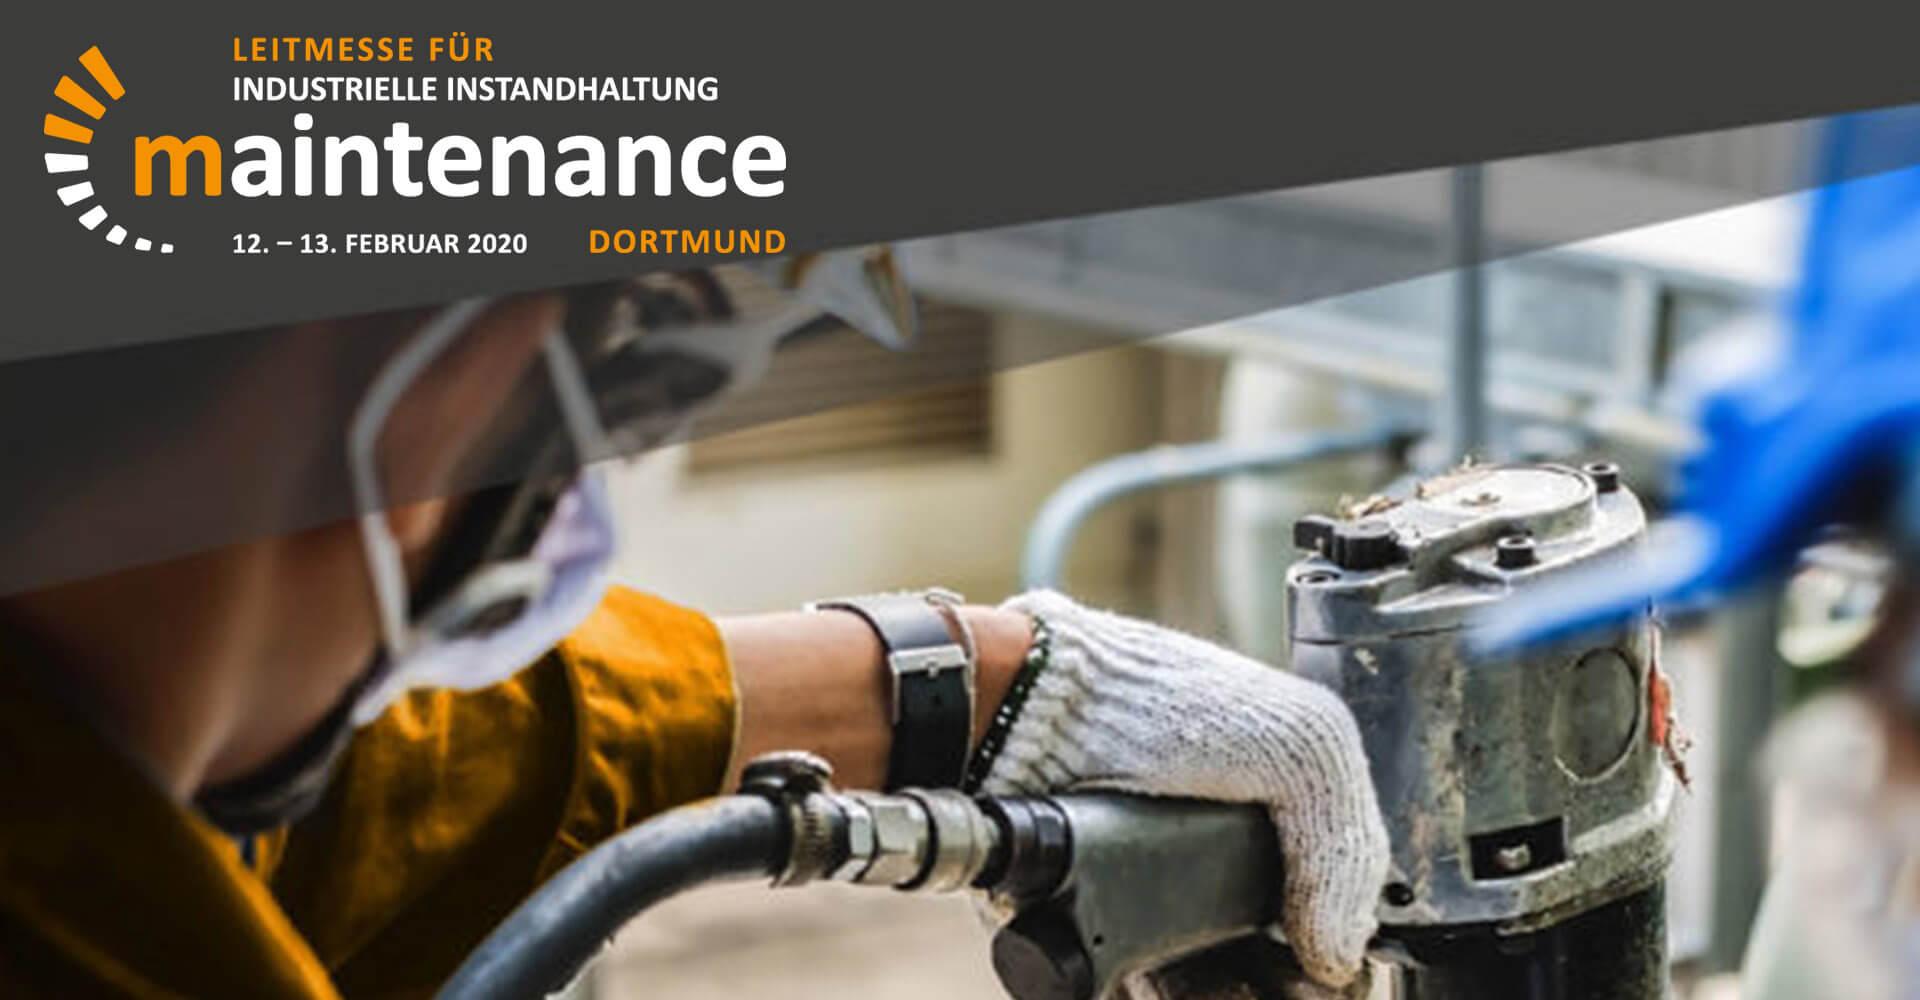 maintenance 2019 dortmund